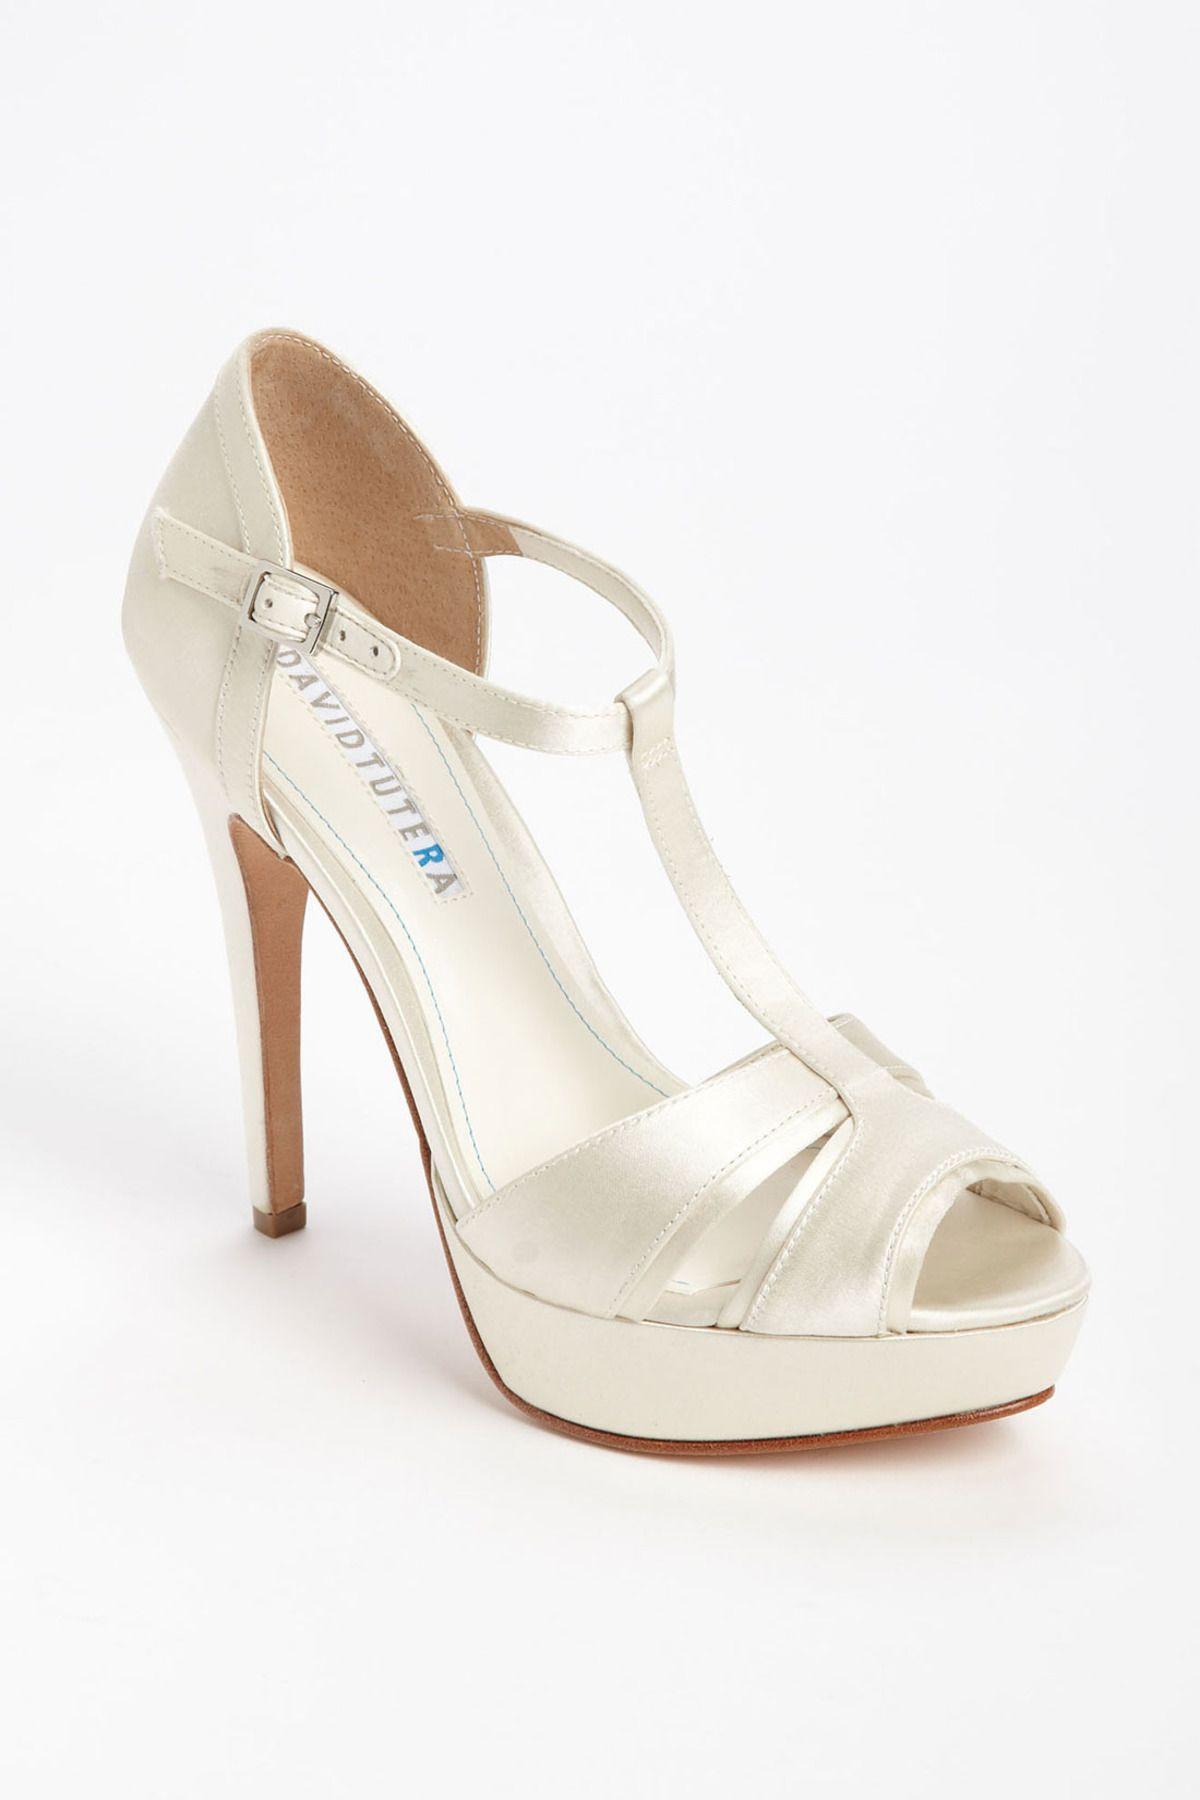 Nordstrom rack Zapatos de novia, Zapatos de boda